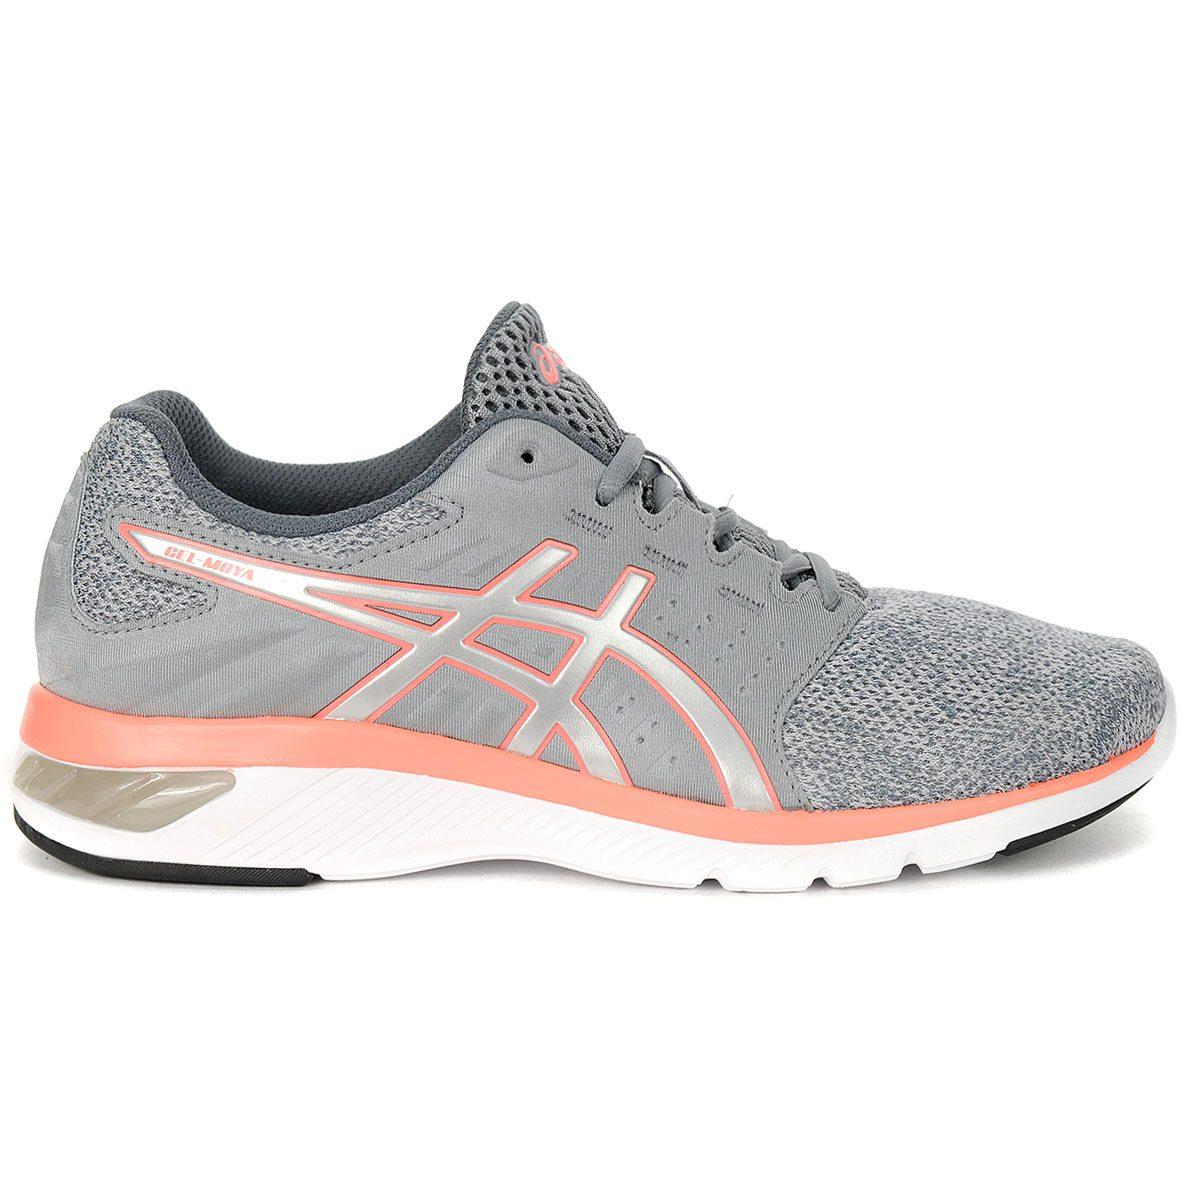 ASICS Women's Gel-Moya MX Running Shoes